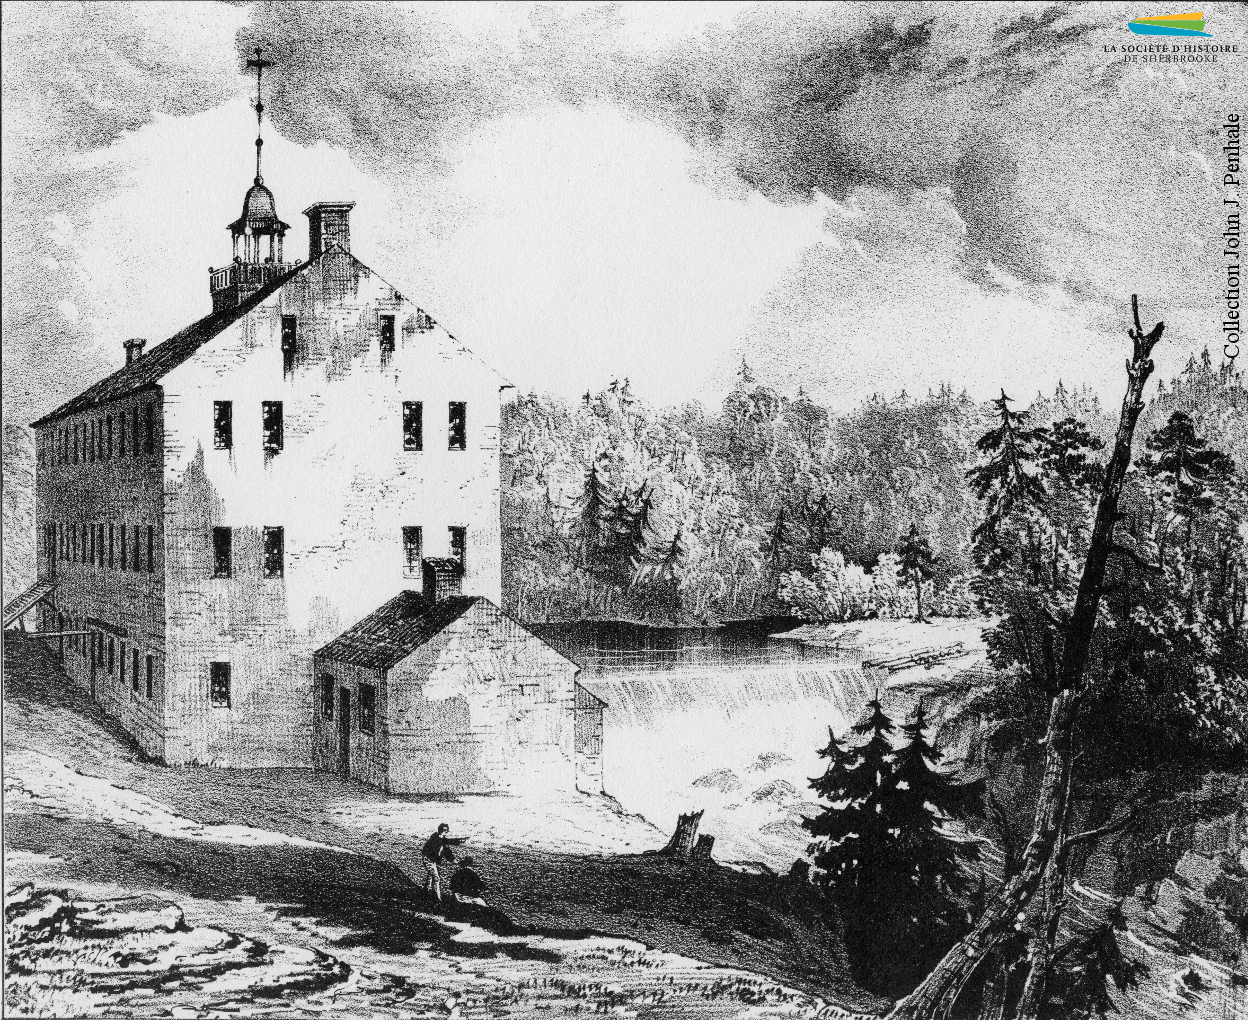 La première fabrique de tissus de laine de Sherbrooke, vers 1836. Ouverte par le marchand Charles Goodhue en 1827, entièrement mécanisée, elle est vendue à la <em>British American Land Company</em> en 1834, et ferme ses portes en 1837.